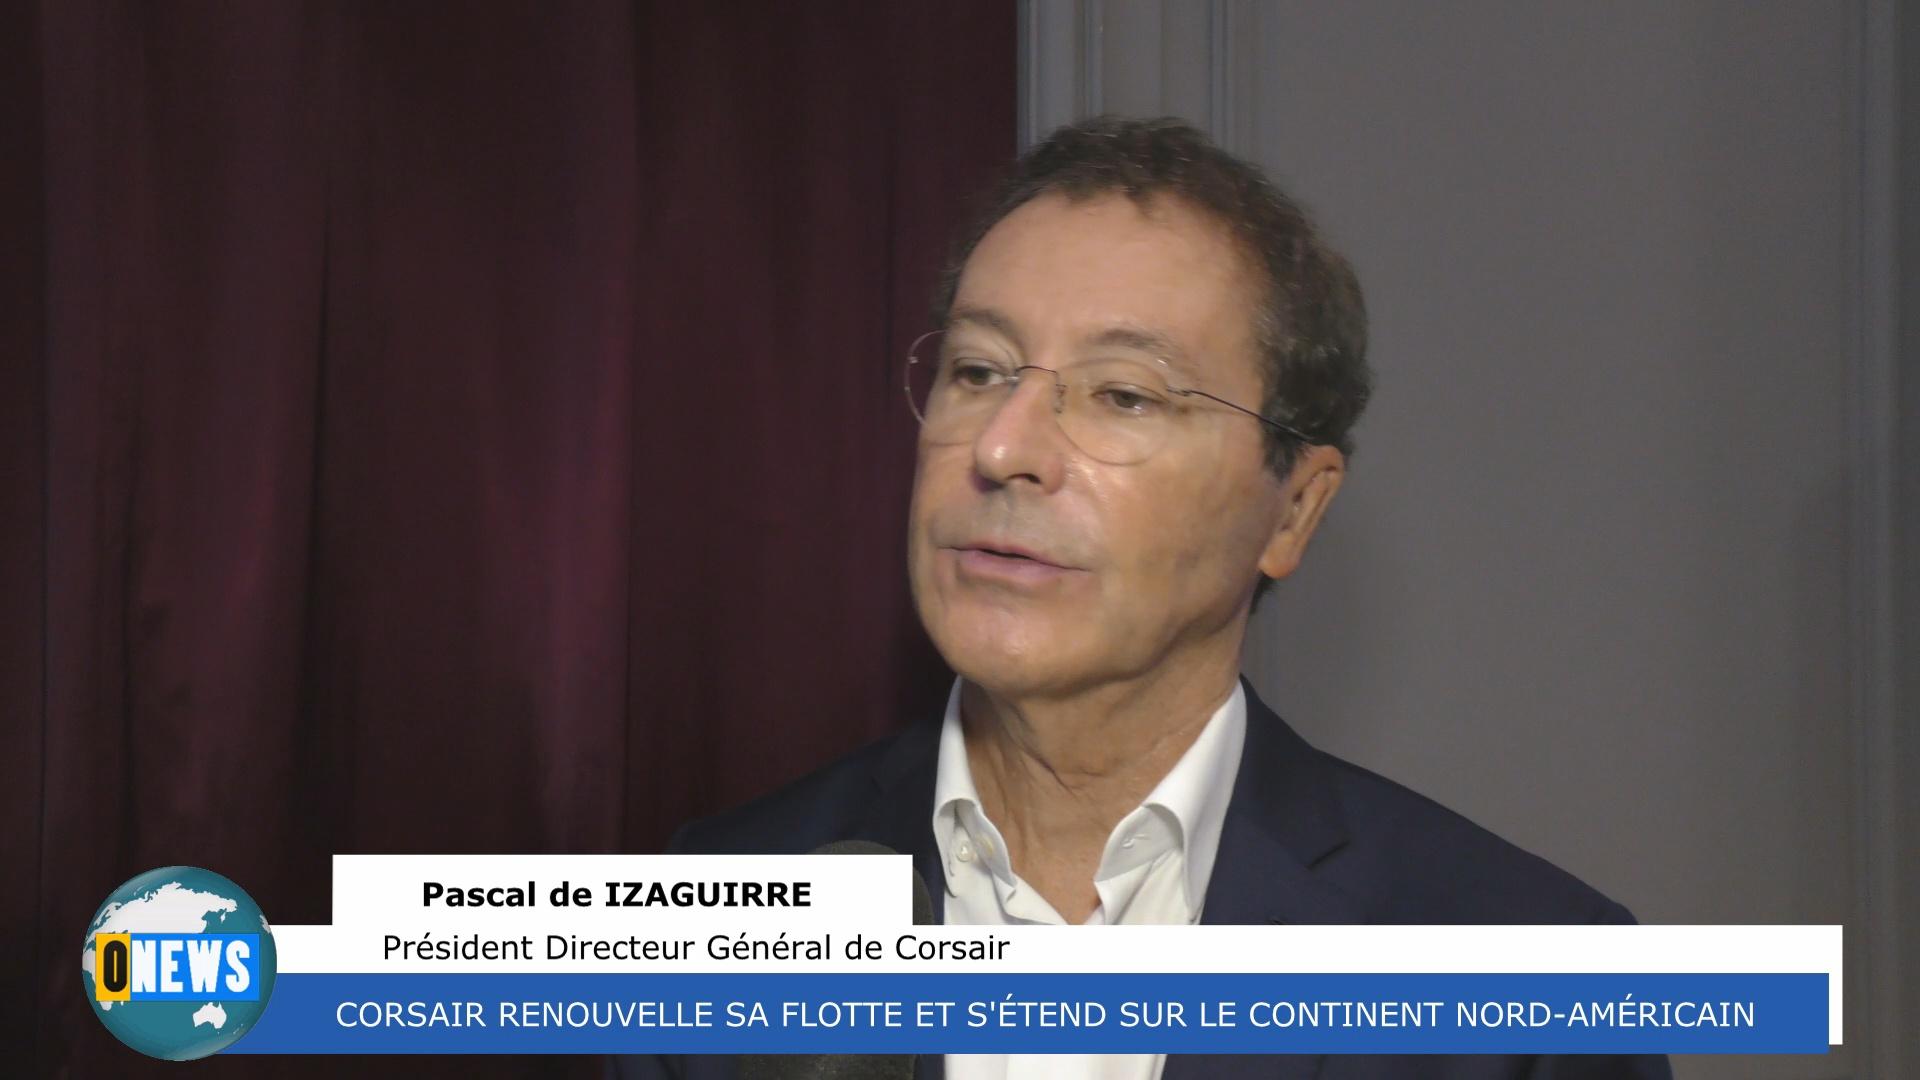 [Vidéo]Paris. Corsair dévoile les orientations de la compagnie pour les années à venir.